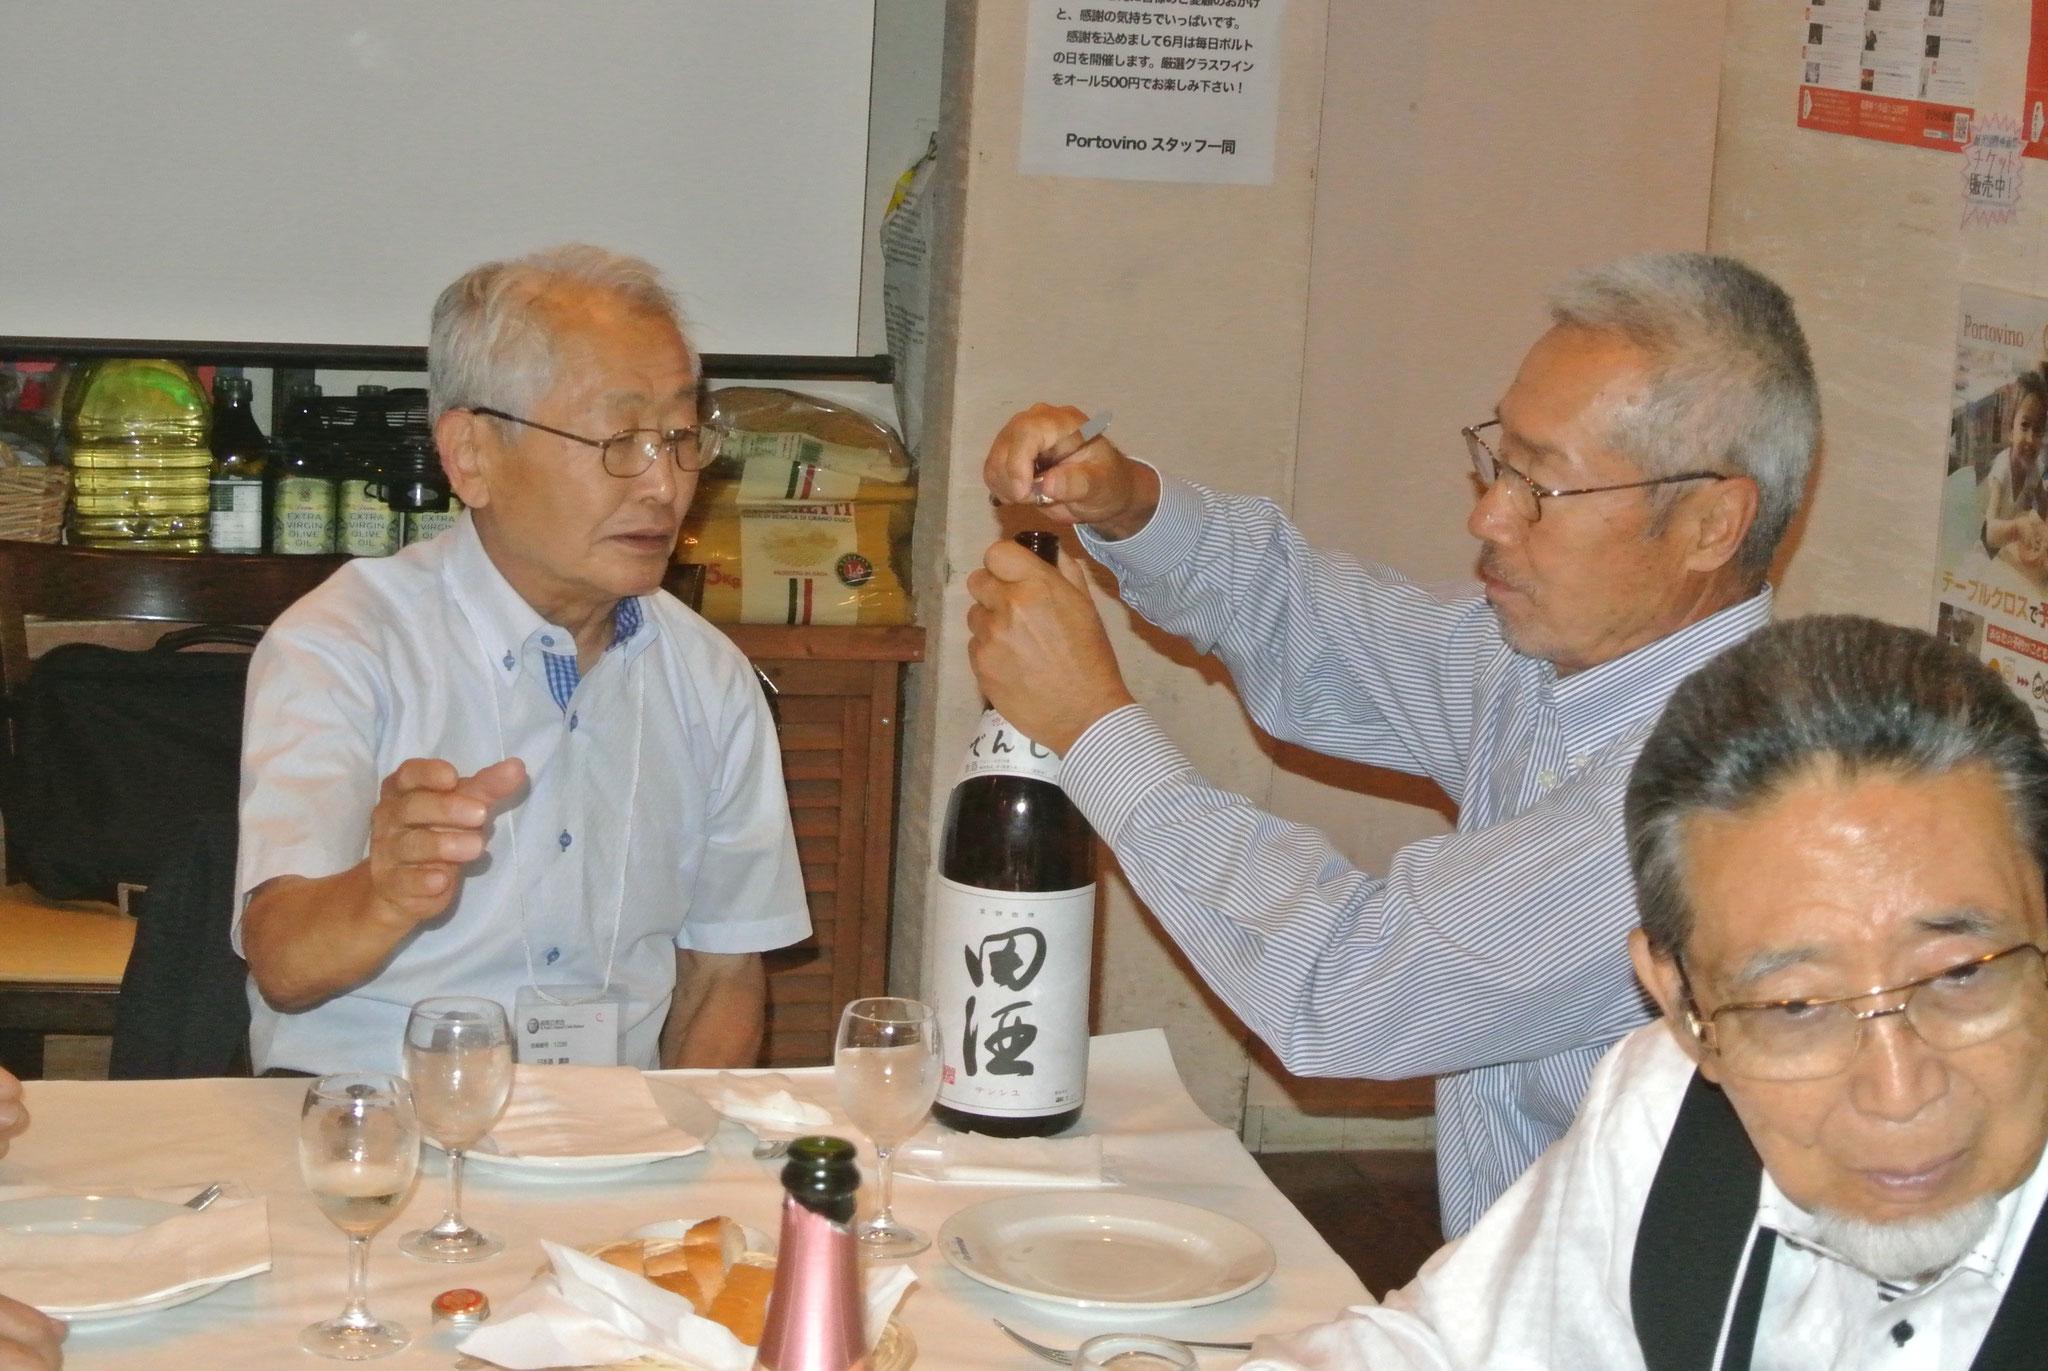 和田名誉利き酒師の前で小林副会長名酒田酒を開ける右岸野講師